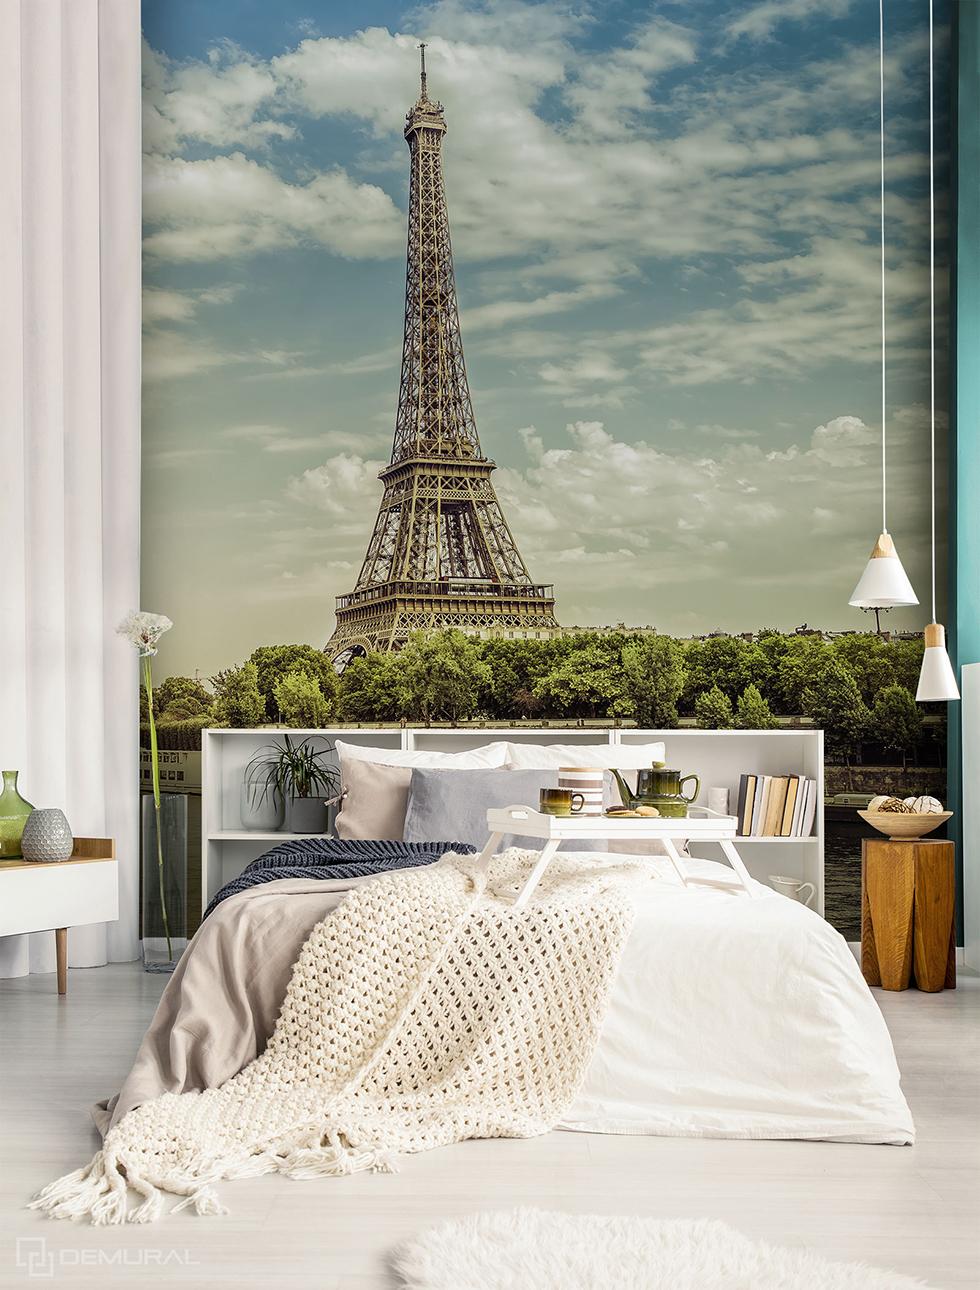 Papiers peints Rêve sur la Seine - papier peint avec la tour Eiffel - Demural